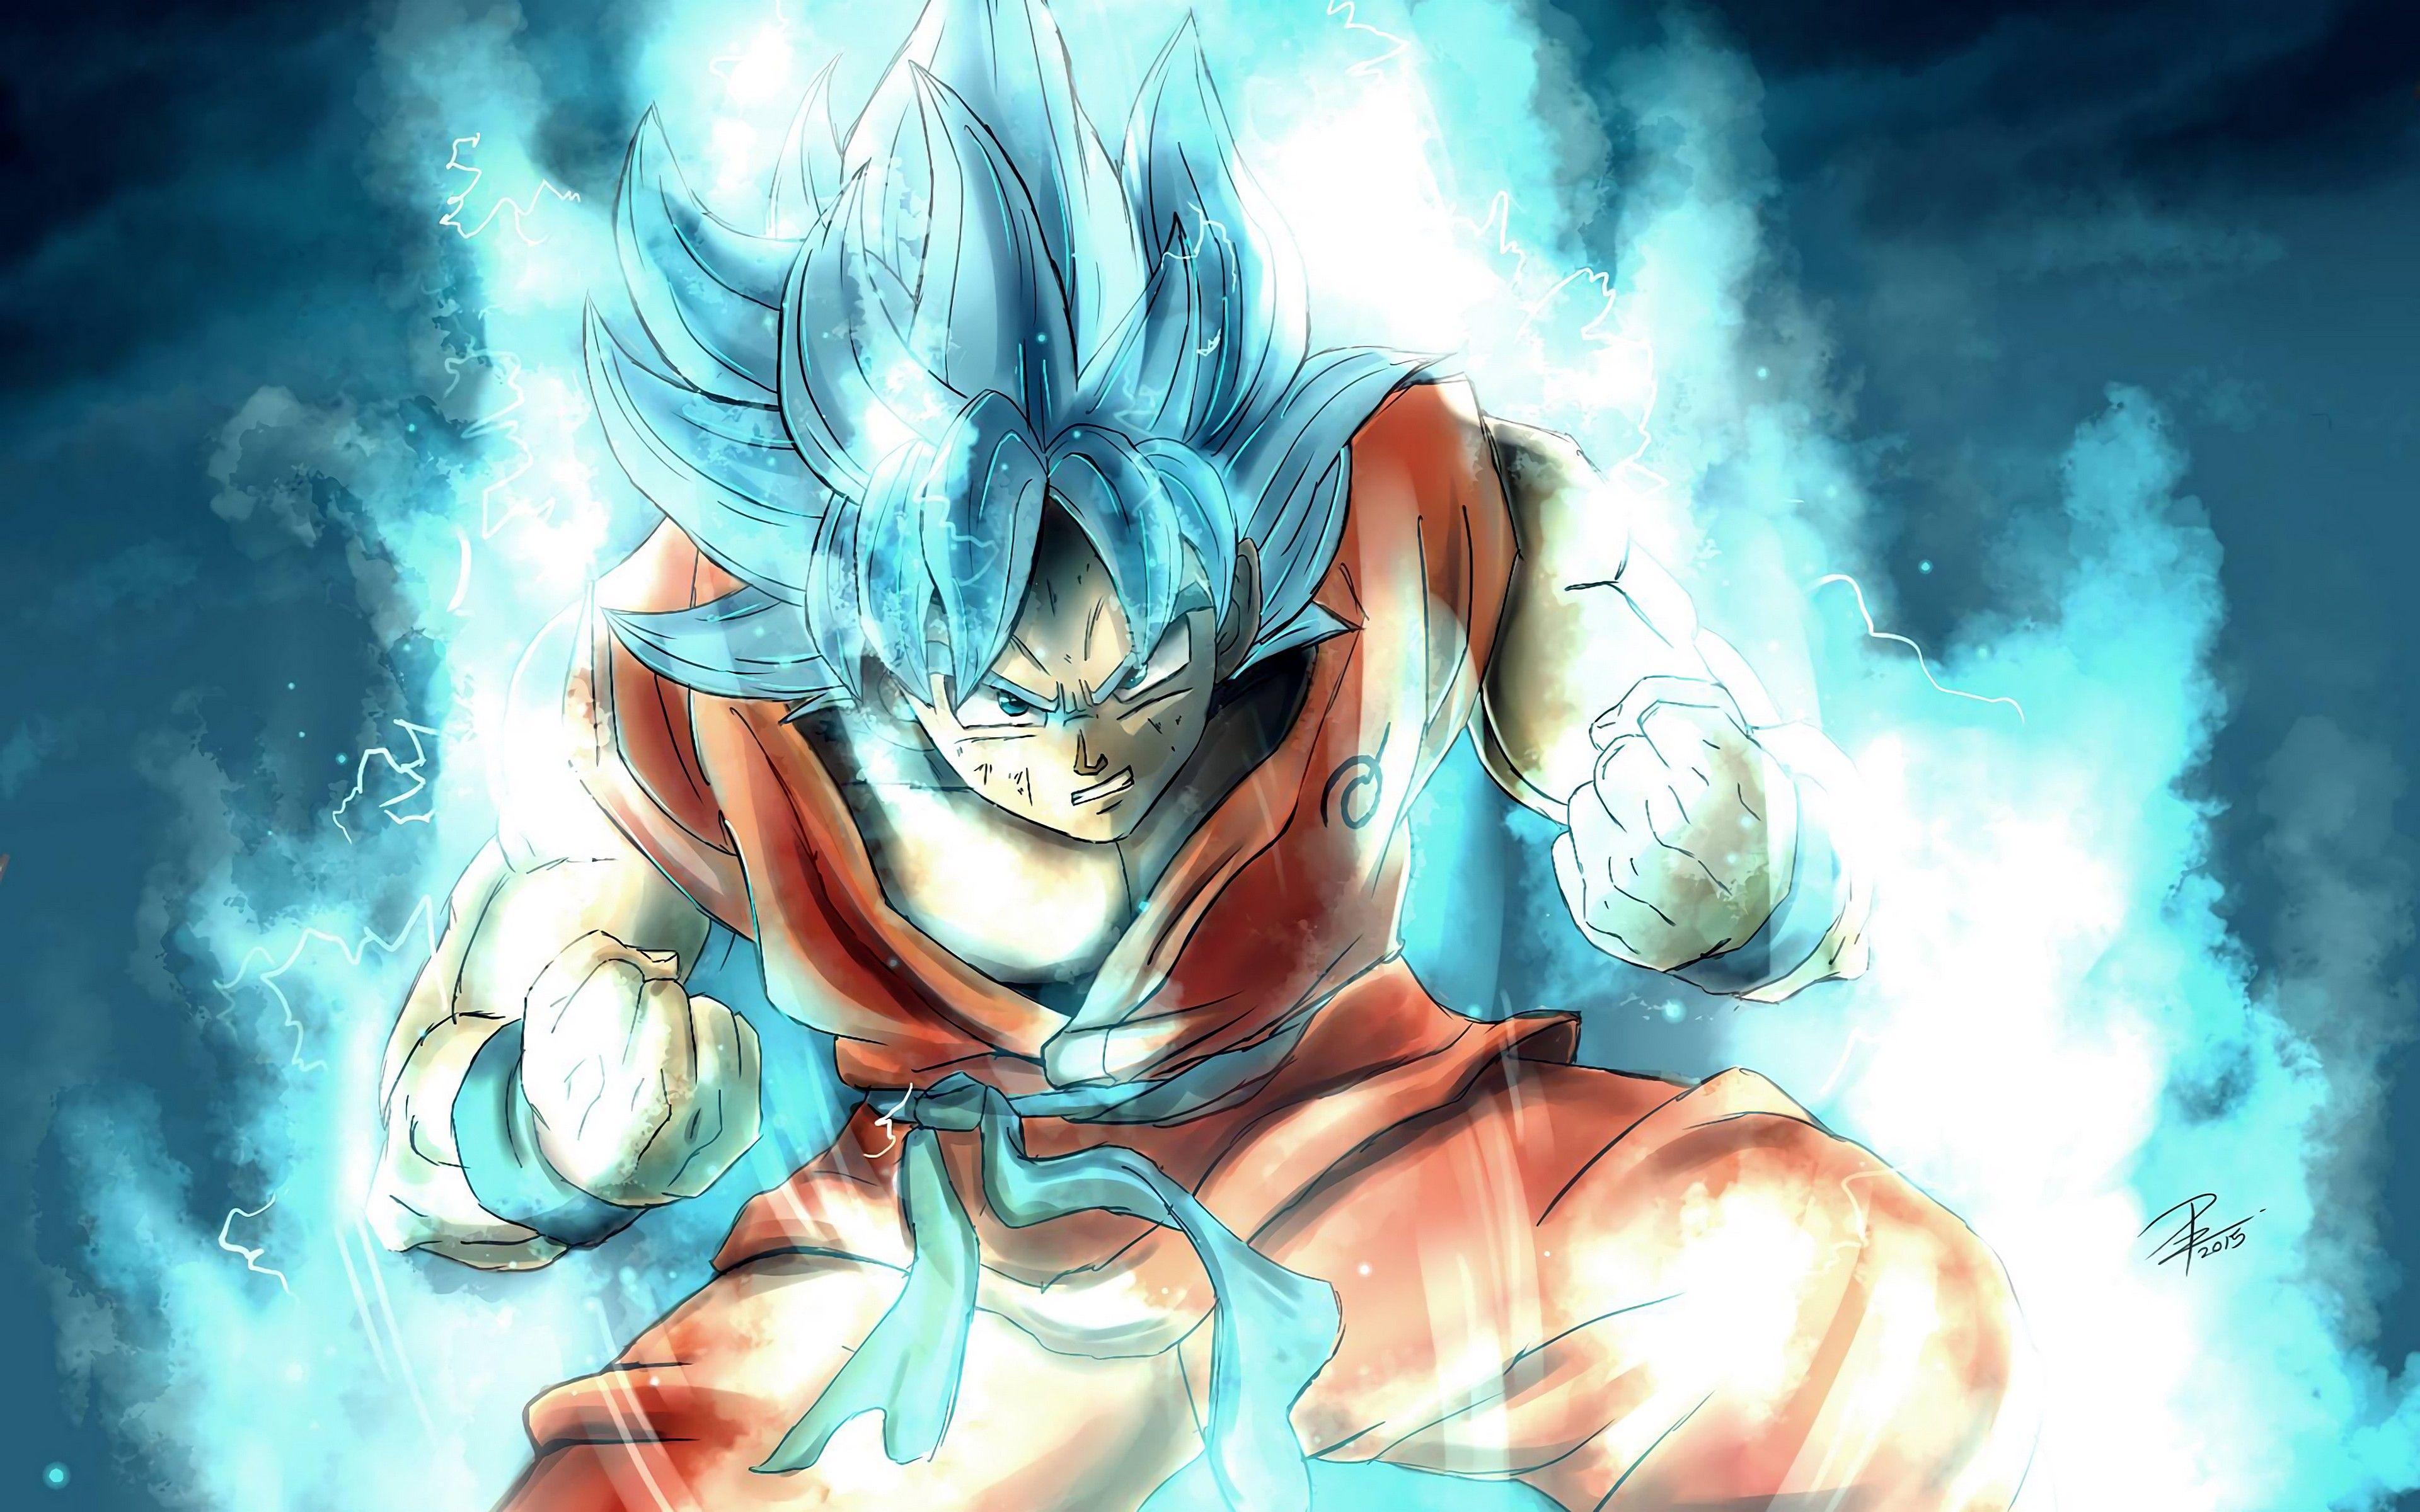 Son Goku Wallpapers 3840x2400